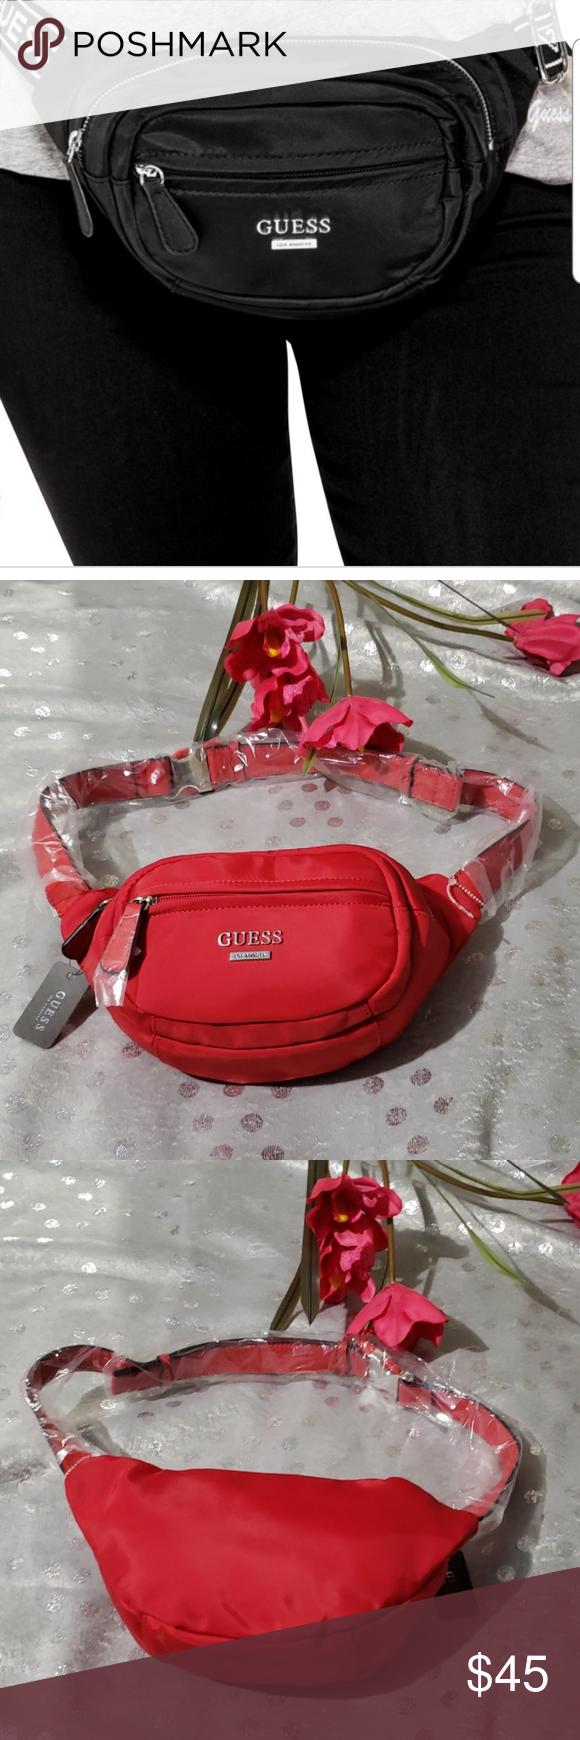 funny bag............... Vintage WAIST BELT BAG 501